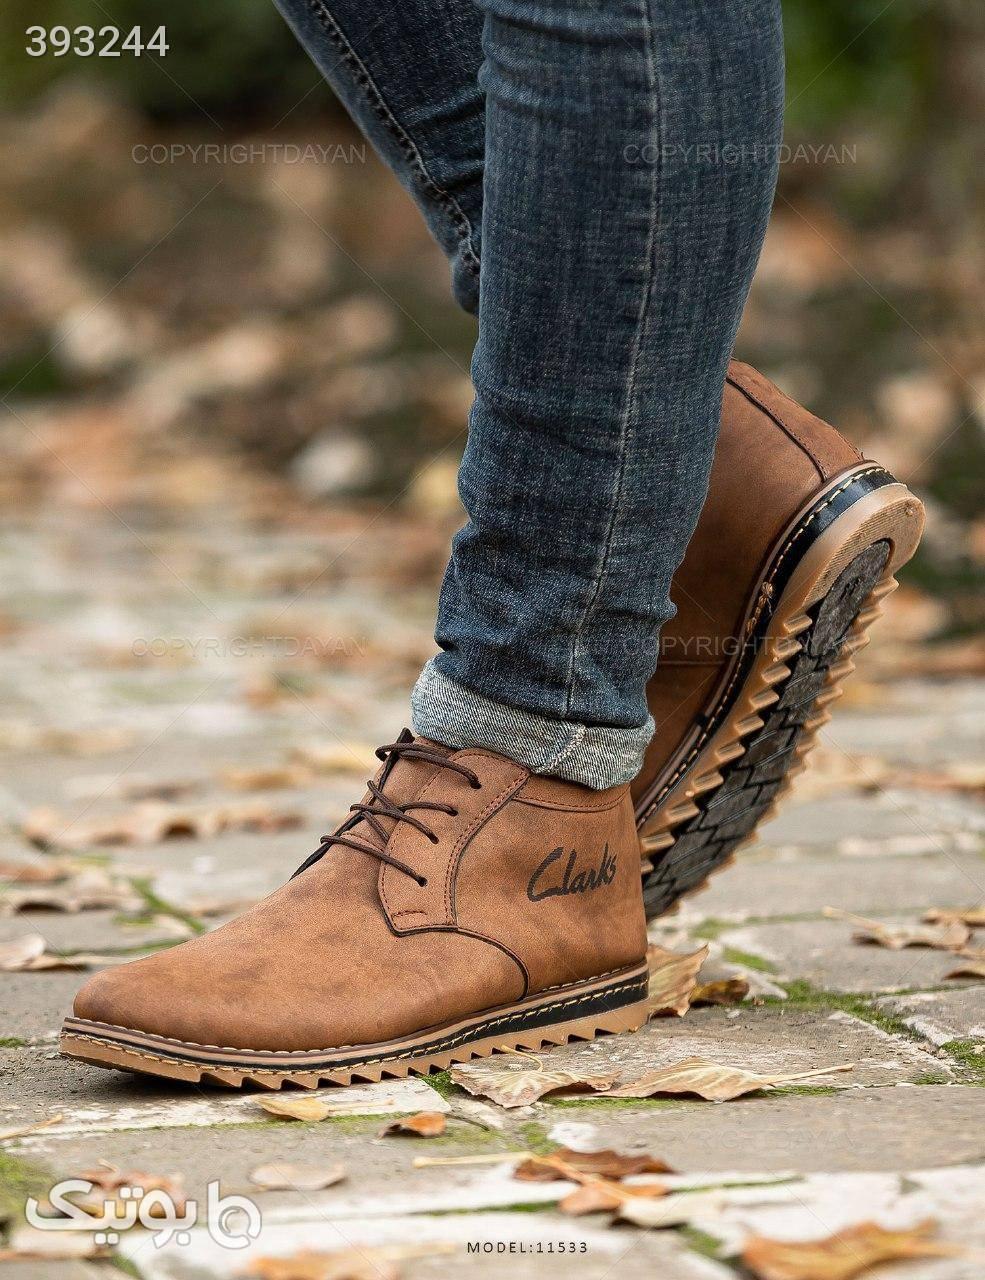 کفش مردانه Clarks مدل 11533 قهوه ای كفش مردانه